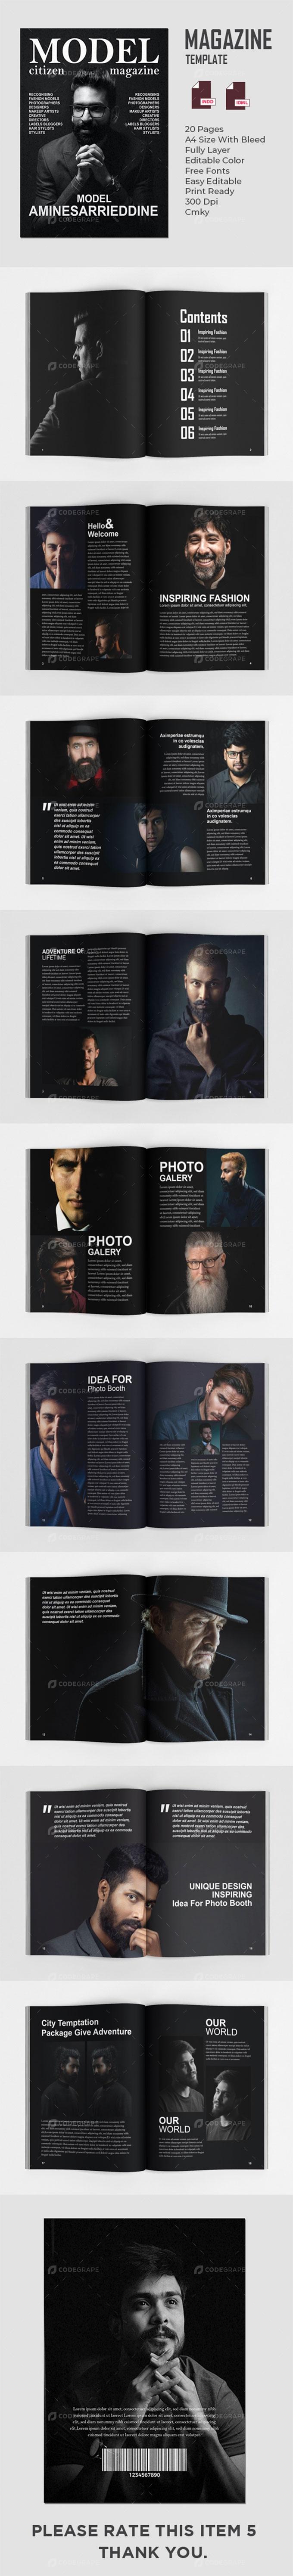 Male Modeling Magazines